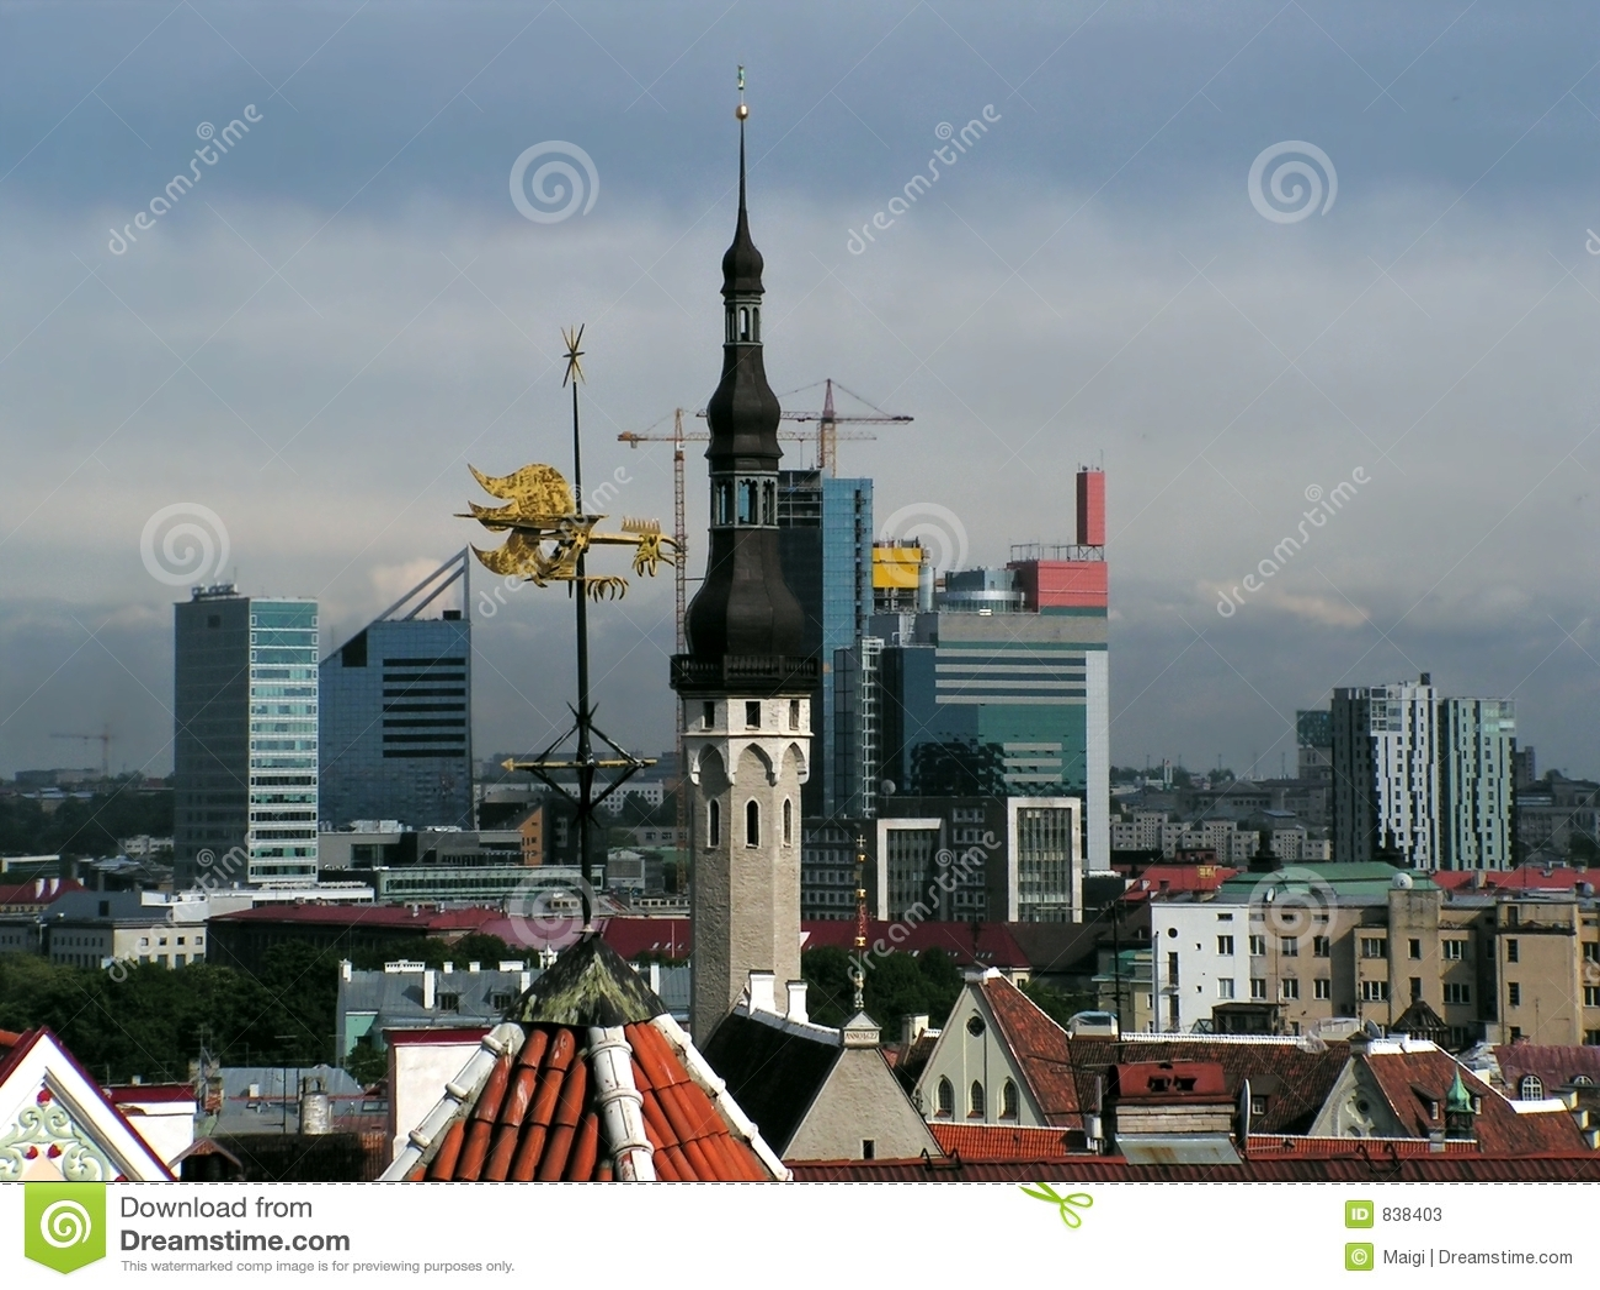 Diversity of Tallinn